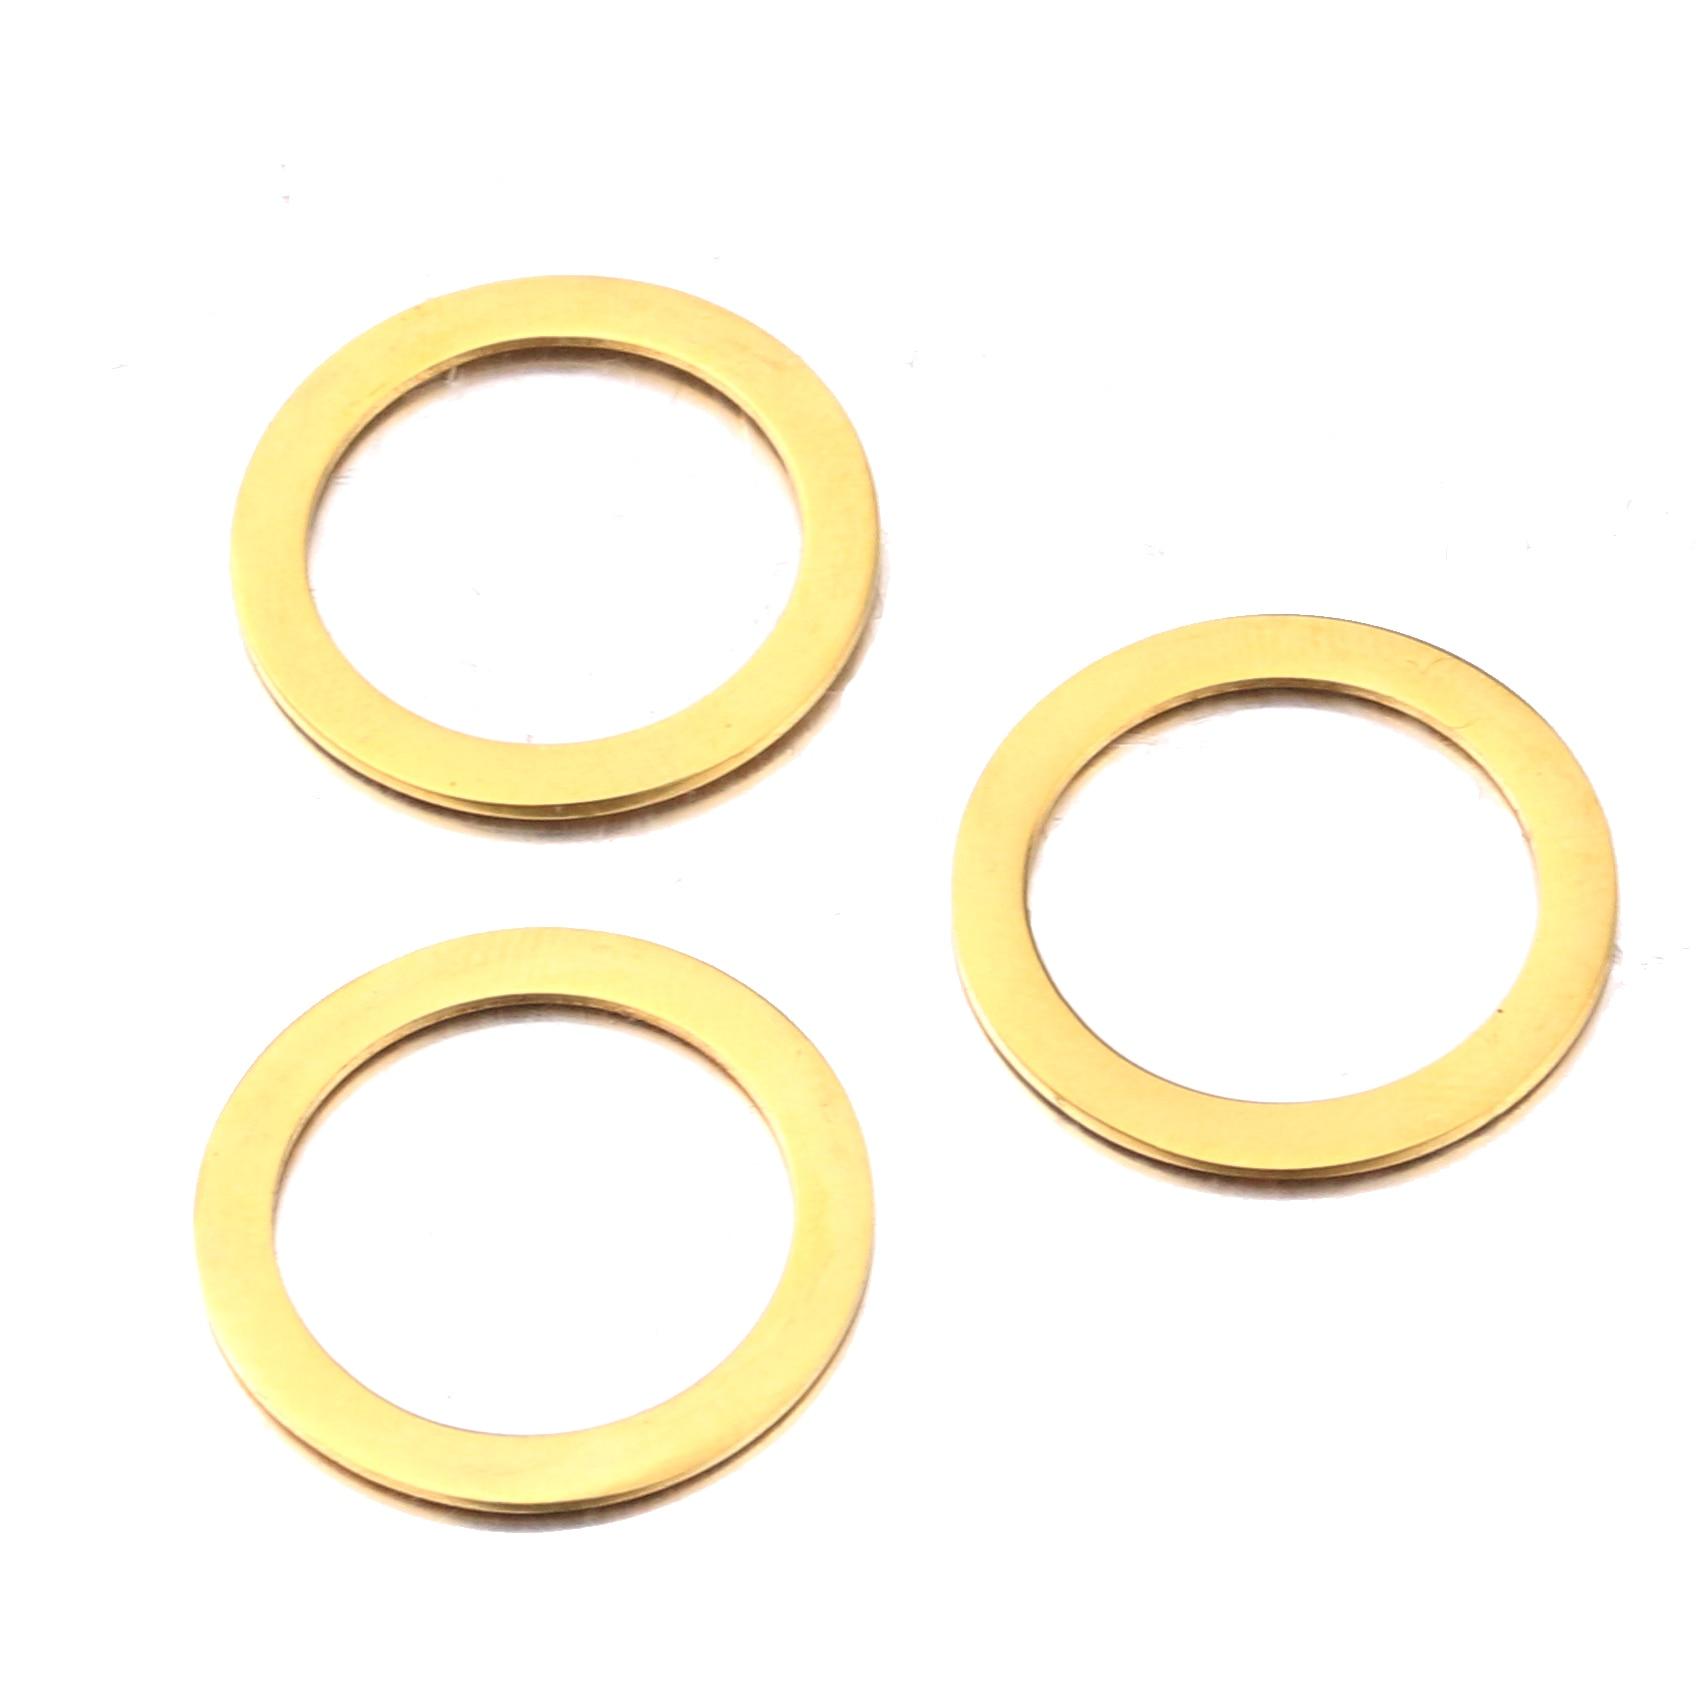 5 pçs/lote Conectores De Aço Inoxidável Gold Tone Círculo Ligações para DIY Feito À Mão Brinco Fazendo Descobertas Jóias Componentes